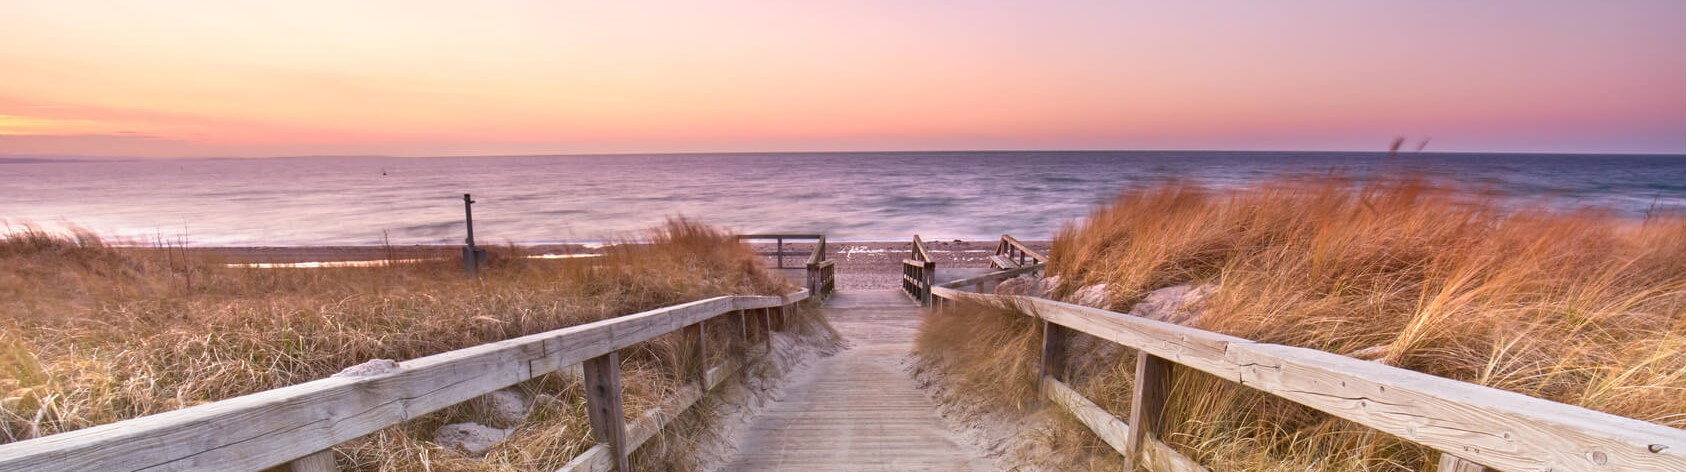 der Weg zu einem Strand